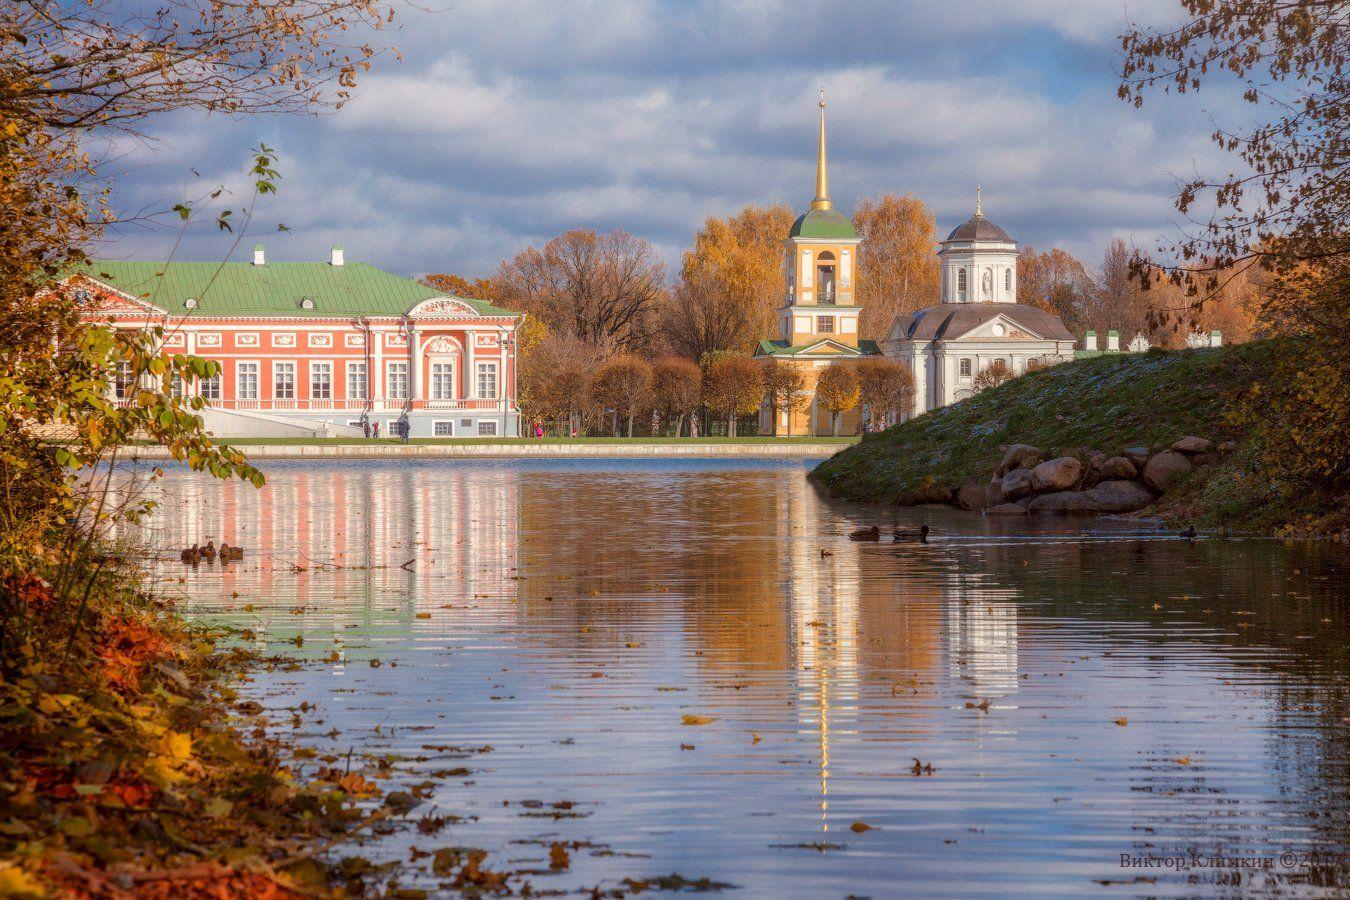 кусково, усадьба, дворец, парк, осень, пруд, отражения, москва, Виктор Климкин